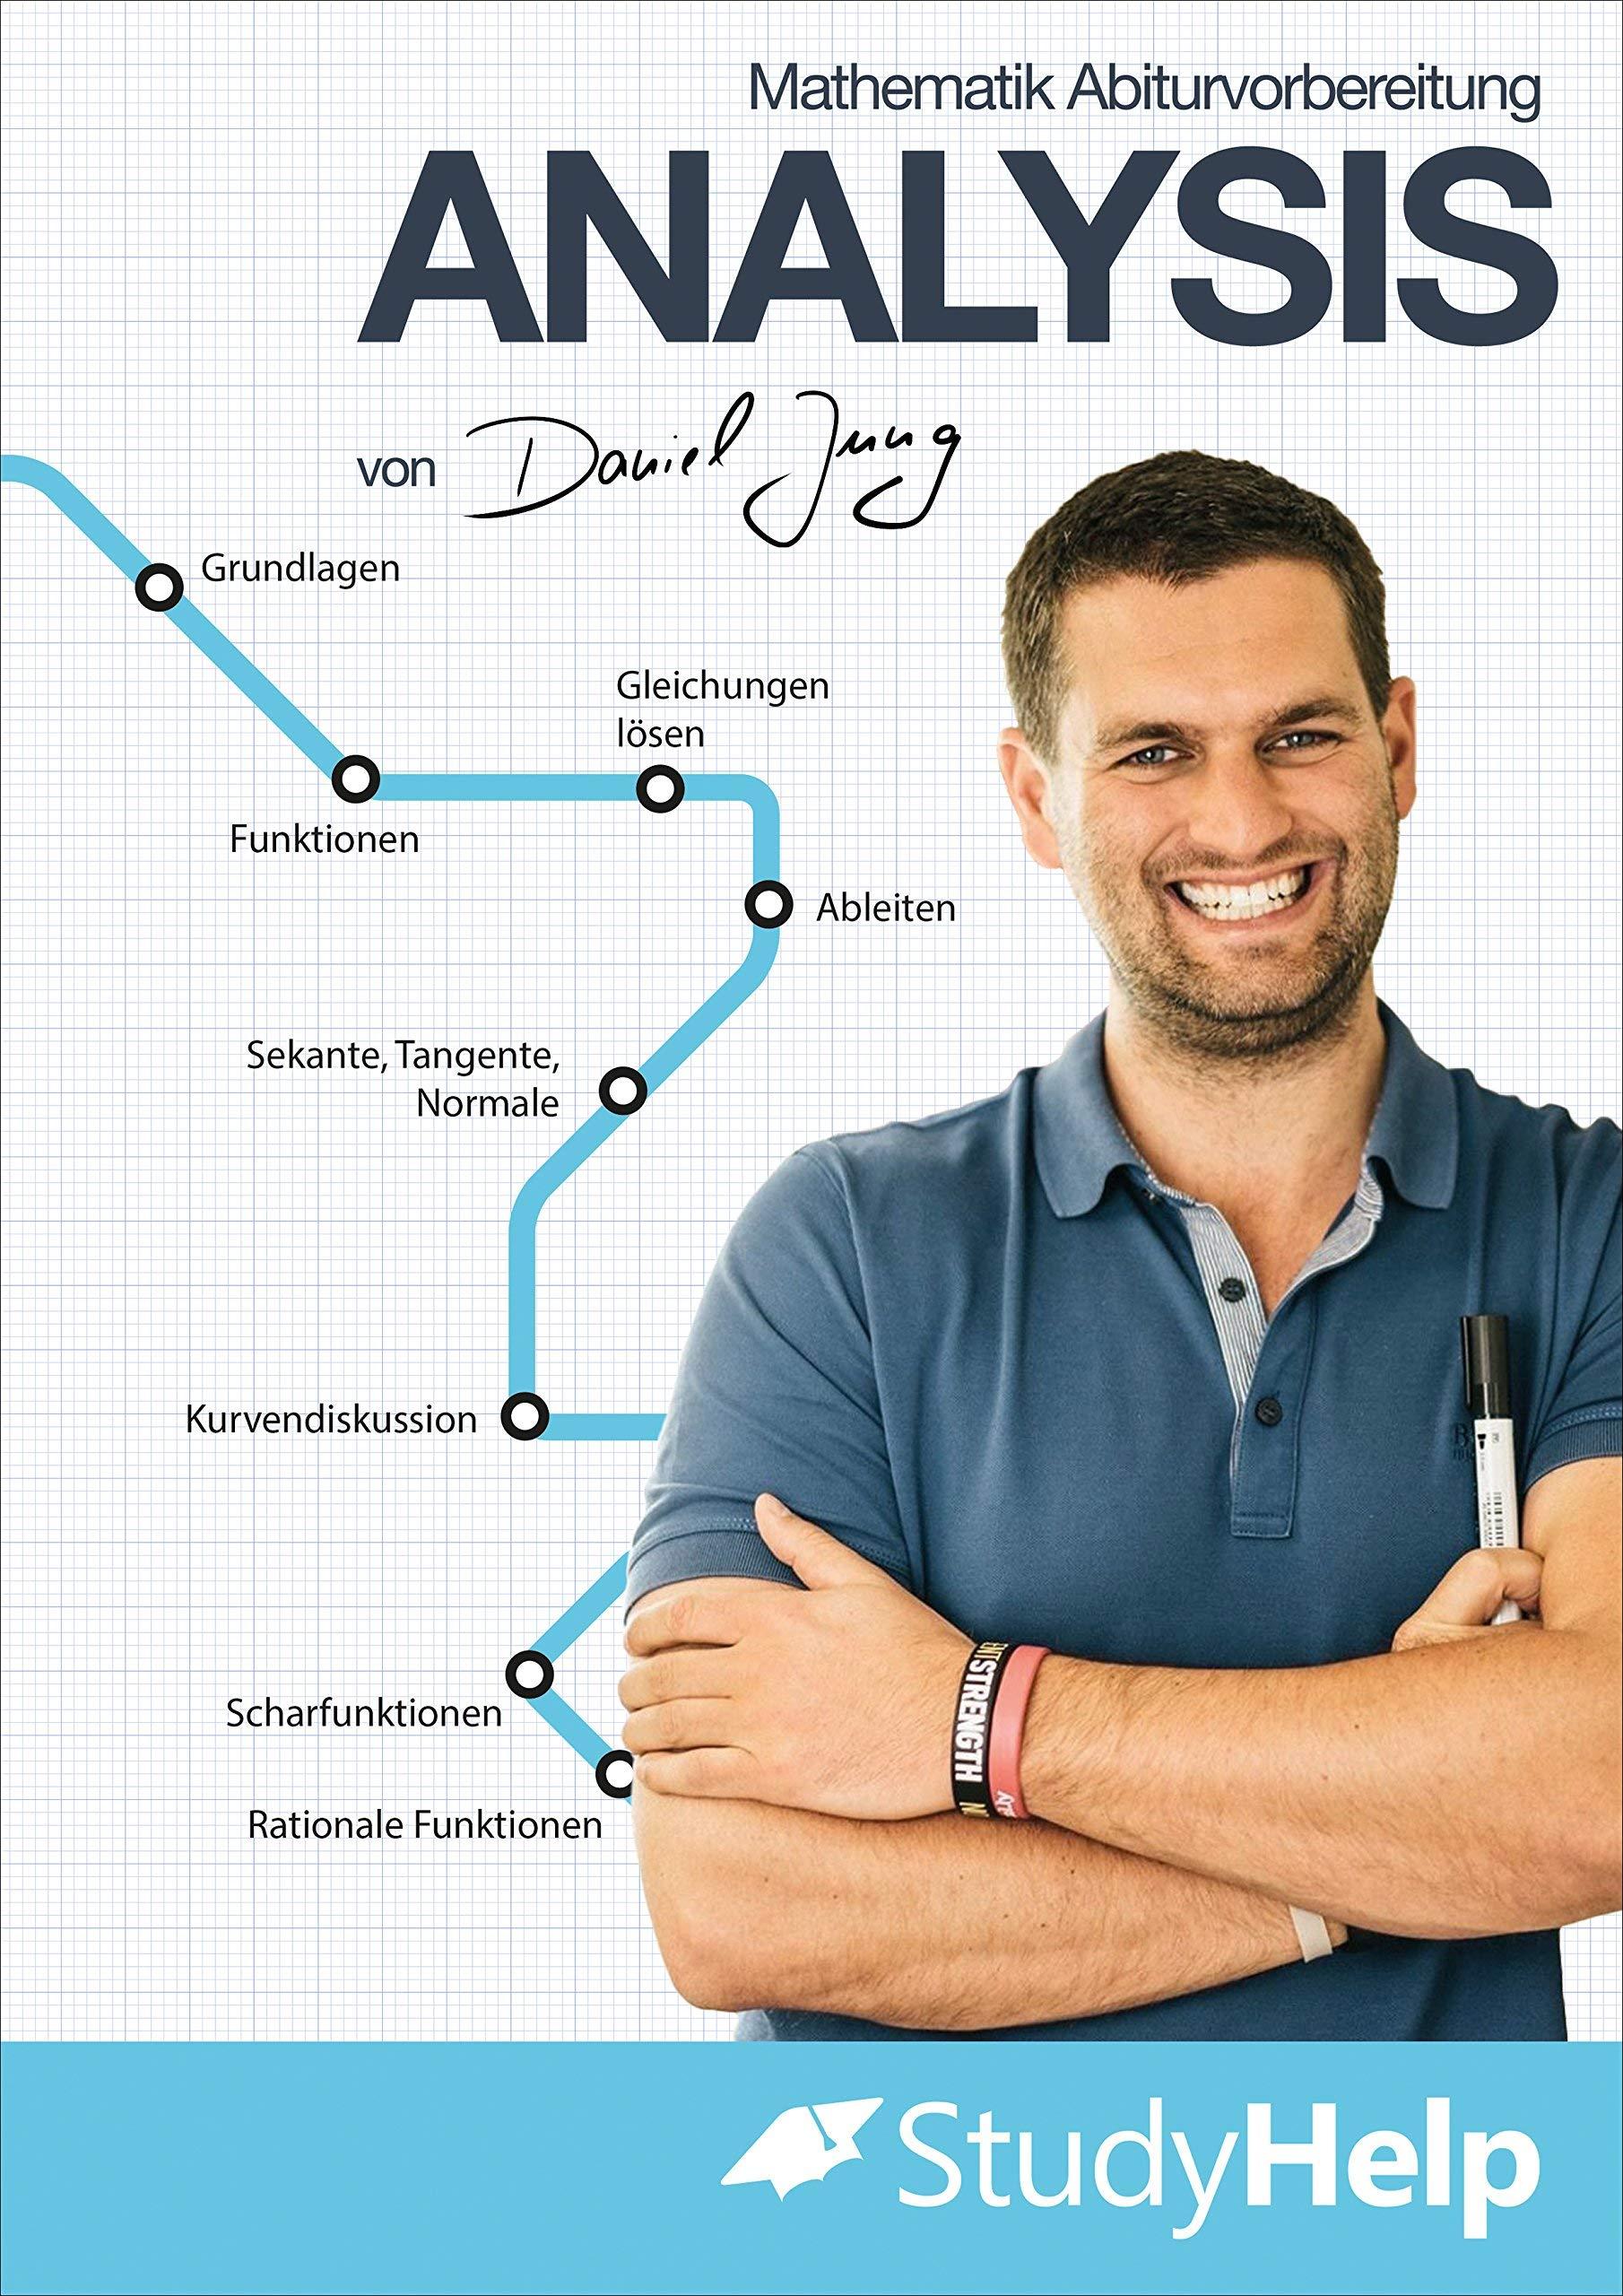 Mathematik Abiturvorbereitung Analysis   StudyHelp & Daniel Jung ...